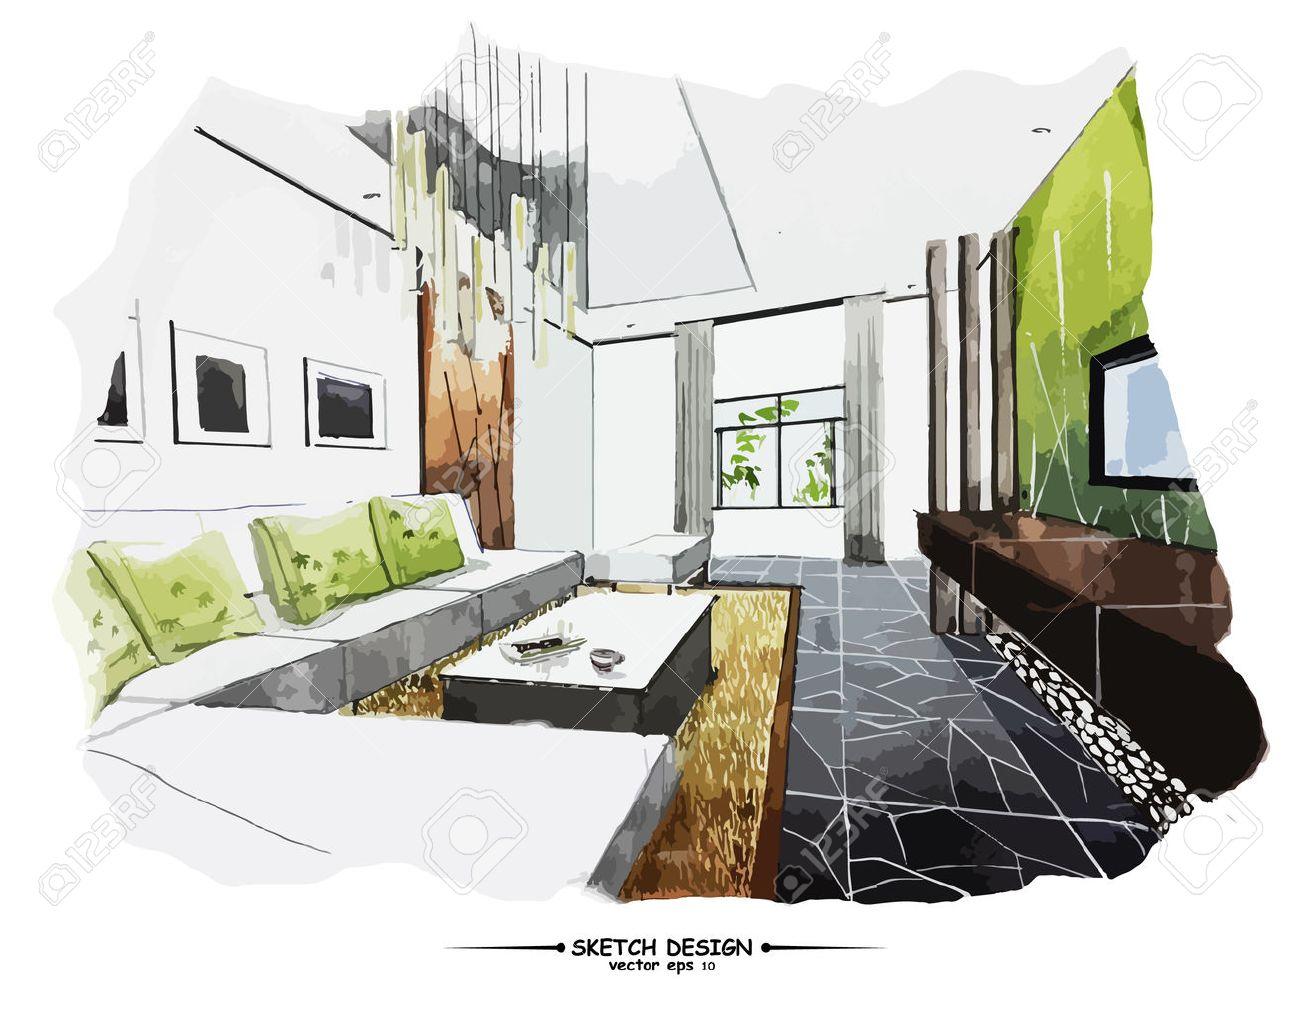 vector interior sketch design. watercolor sketching idea on white